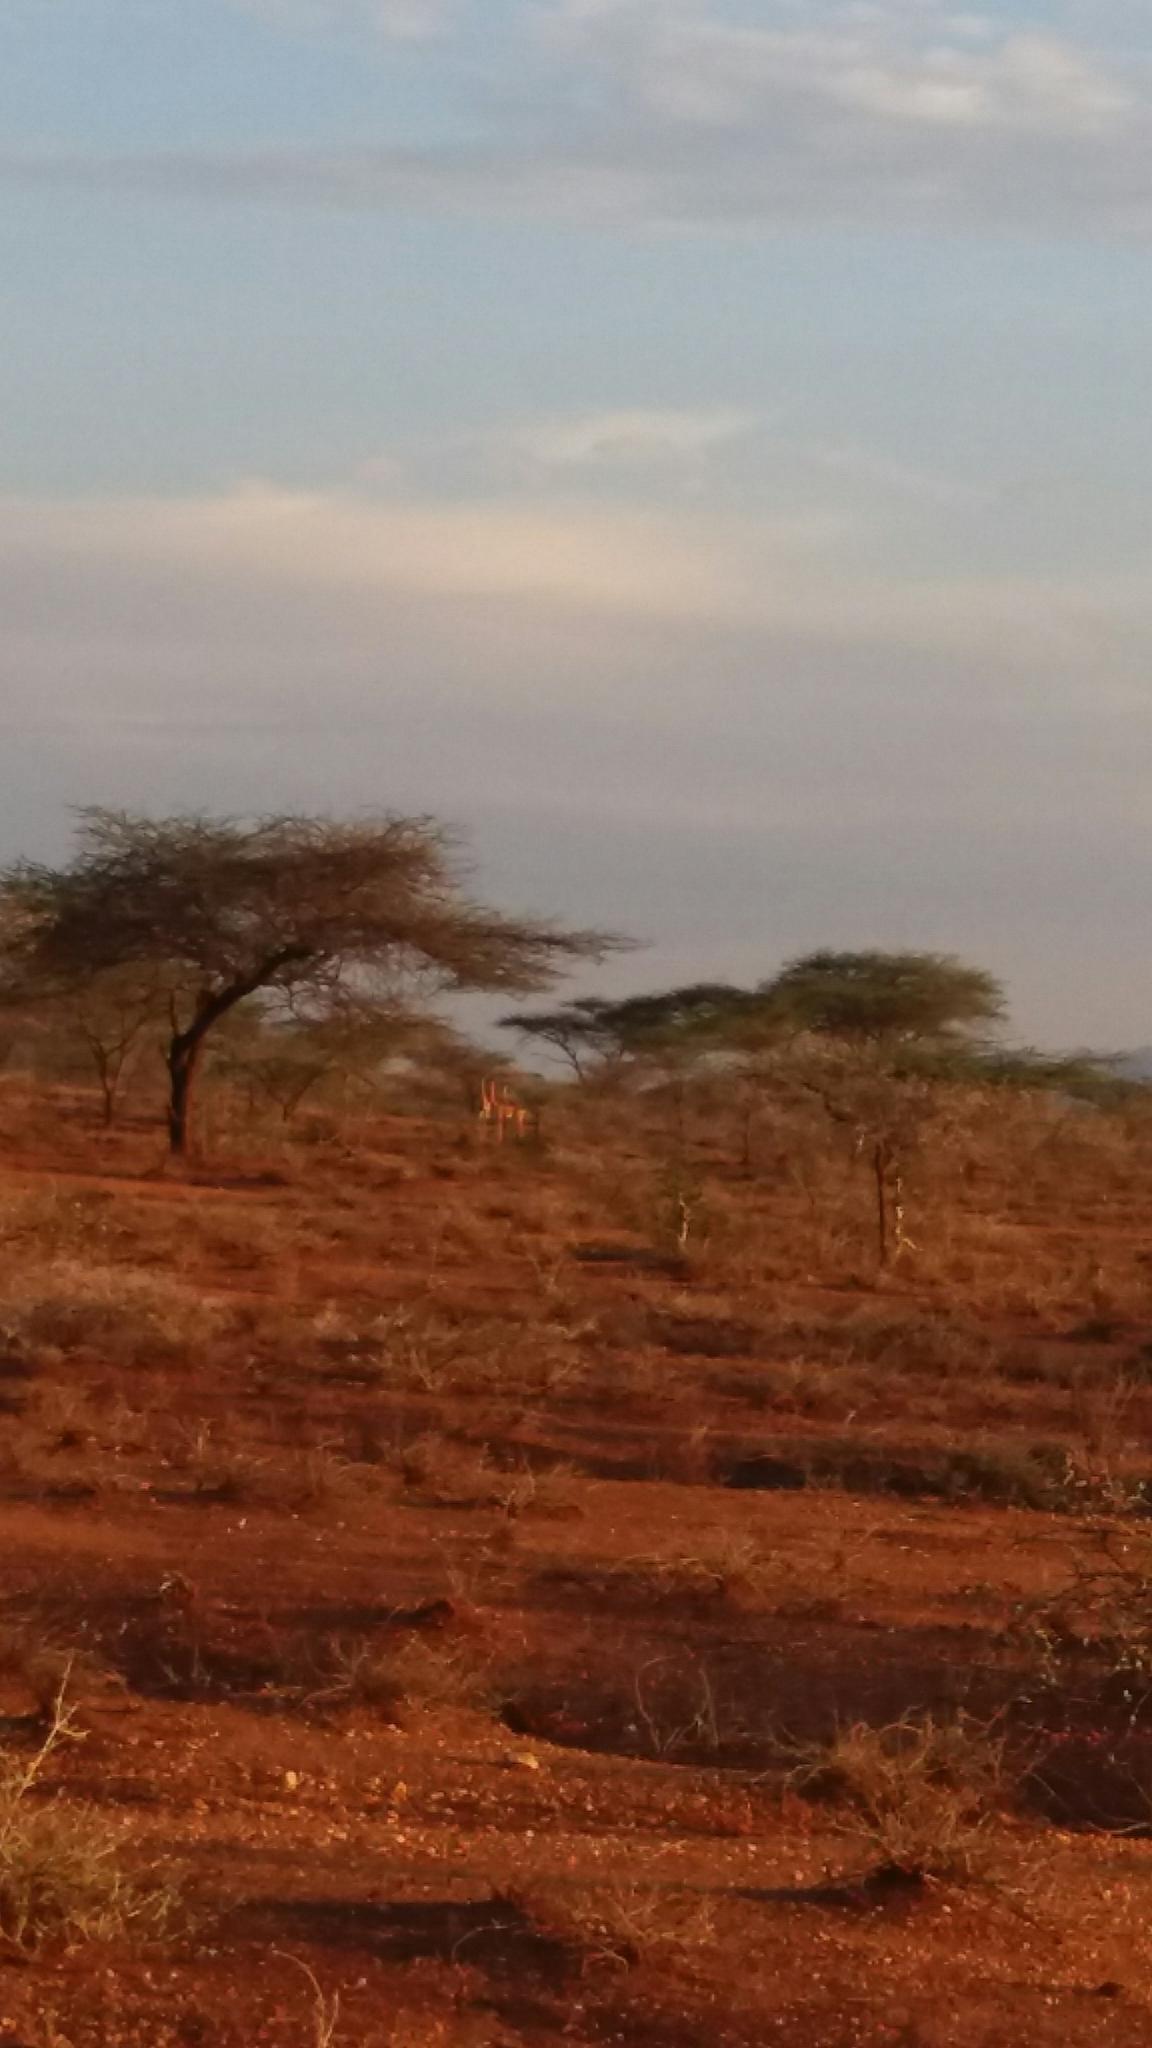 Image of Gerenuk